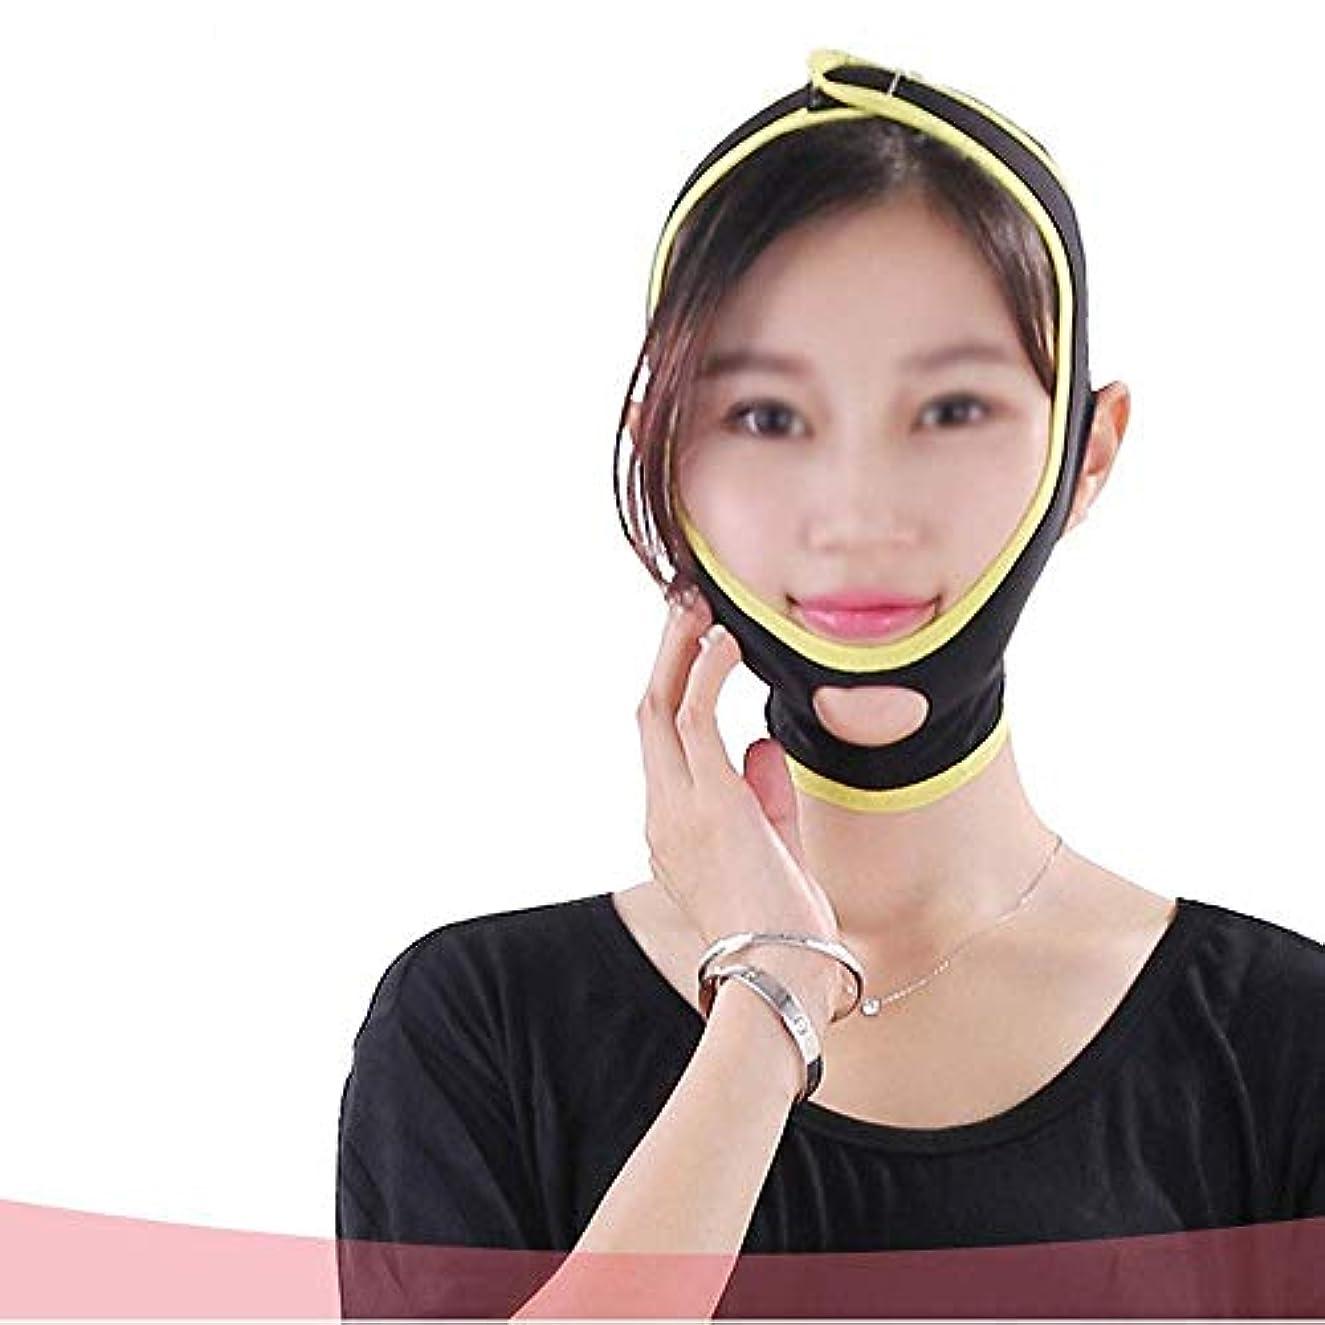 最初はエンゲージメント恩赦睡眠用フェイスマスク、薄い顔の包帯、小さな顔Vの顔、薄い顔、フェイスリフト付き(サイズ:M)